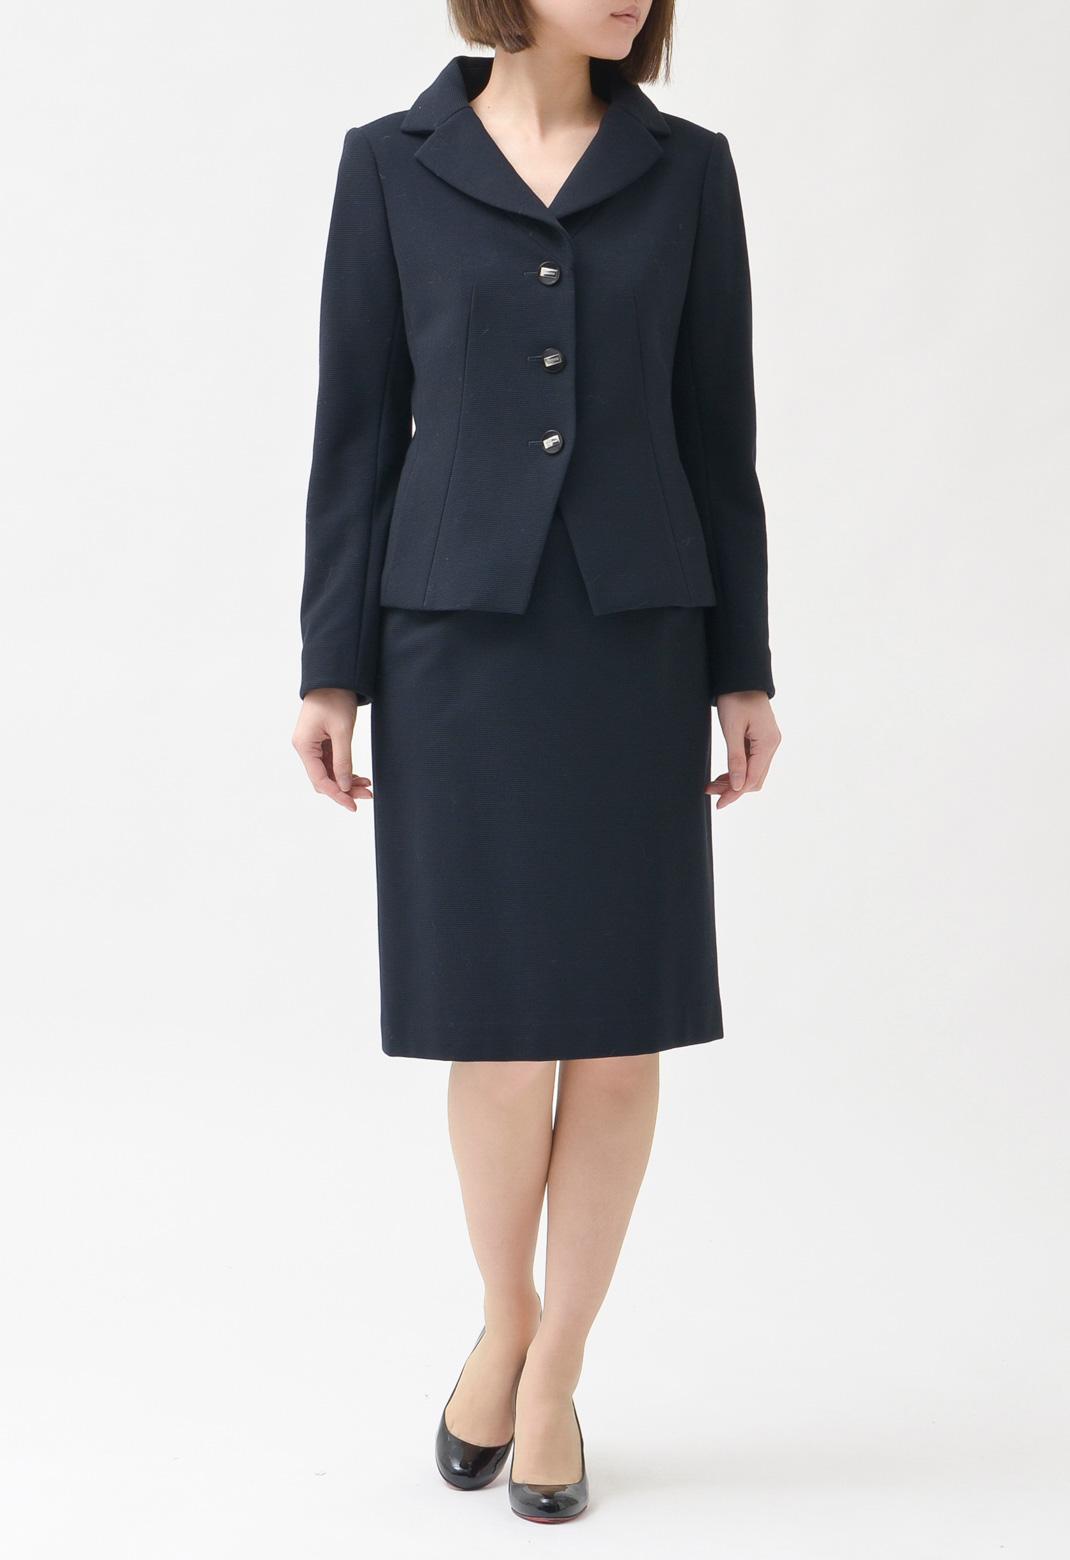 スーツ ピークドラペル 長袖 ジャケット & 膝丈スカート 38